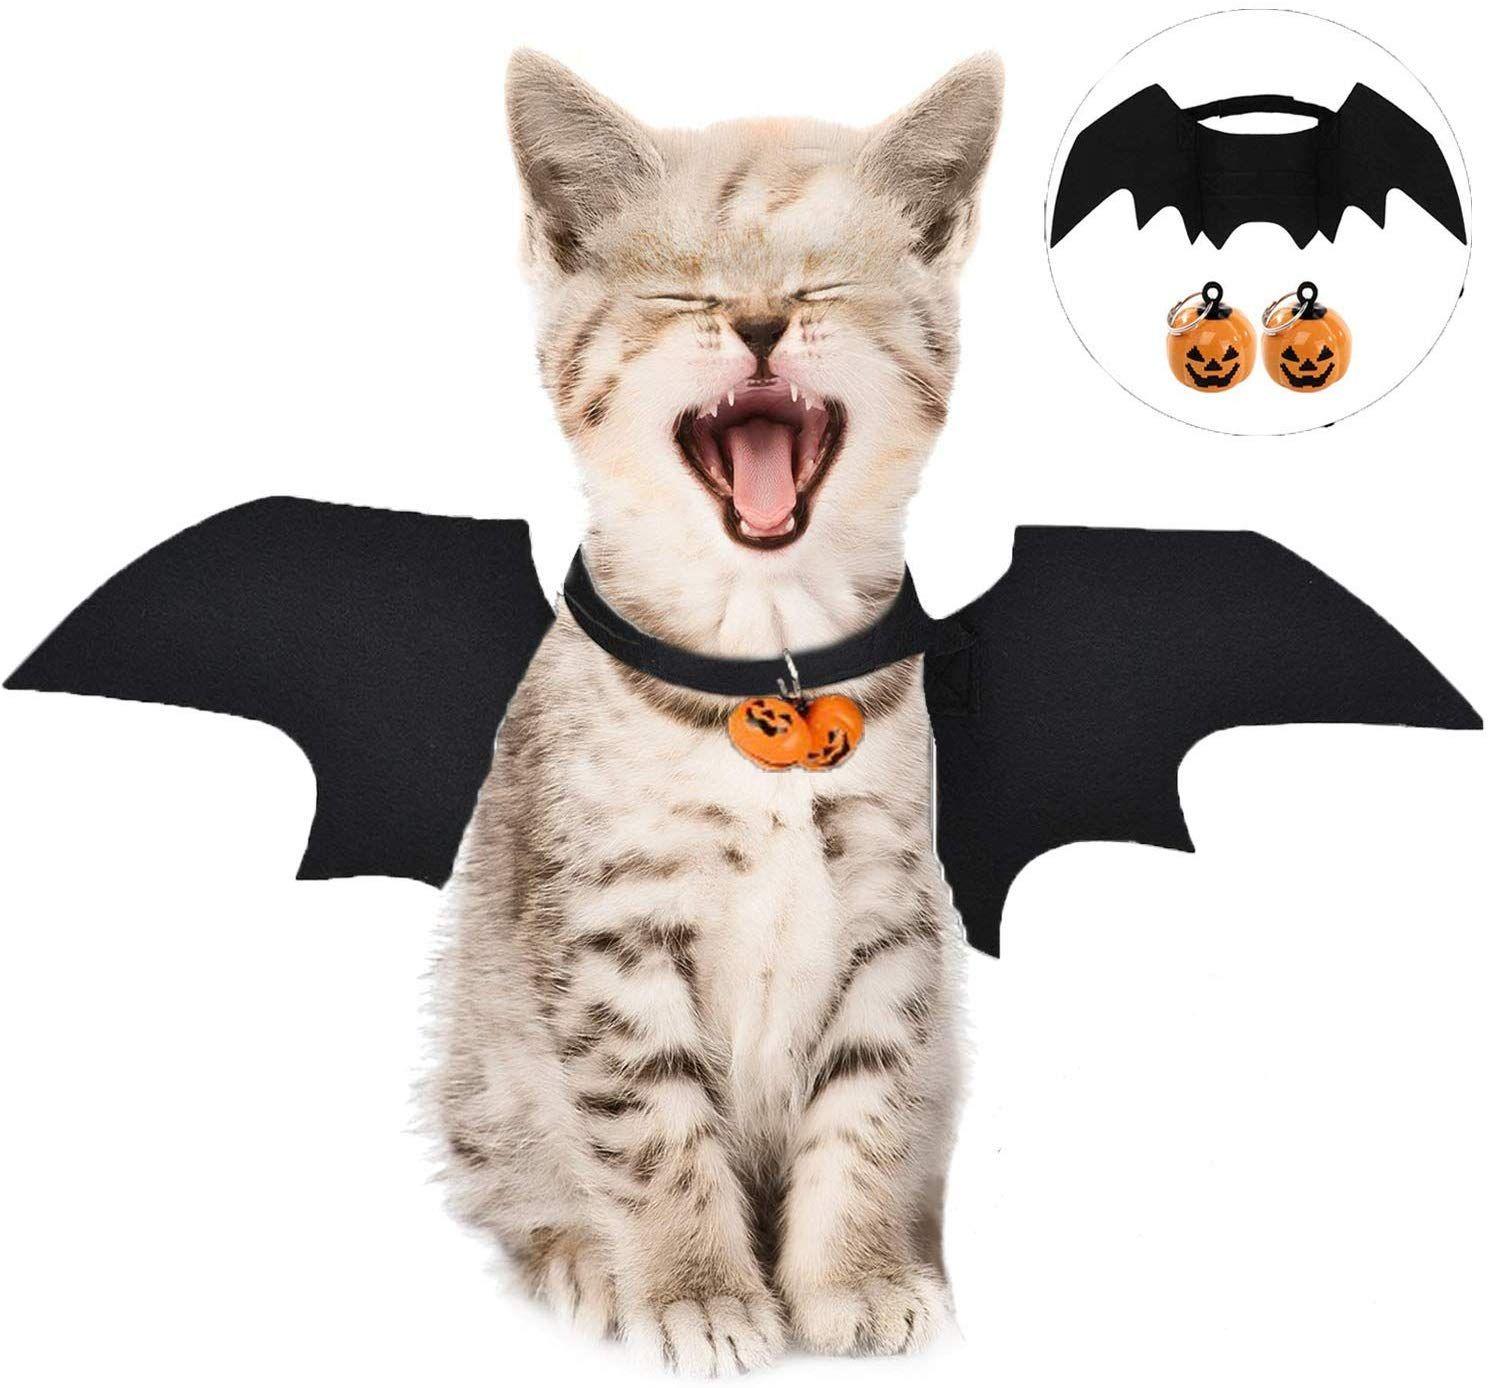 Witziges Halloweenkostum Fur Katzen Und Kleine Hunde Verkleide Deine Katze An Halloween Als Witzige Fledermaus Das Haus In 2020 Kostum Katze Katzen Kleidung Haustier